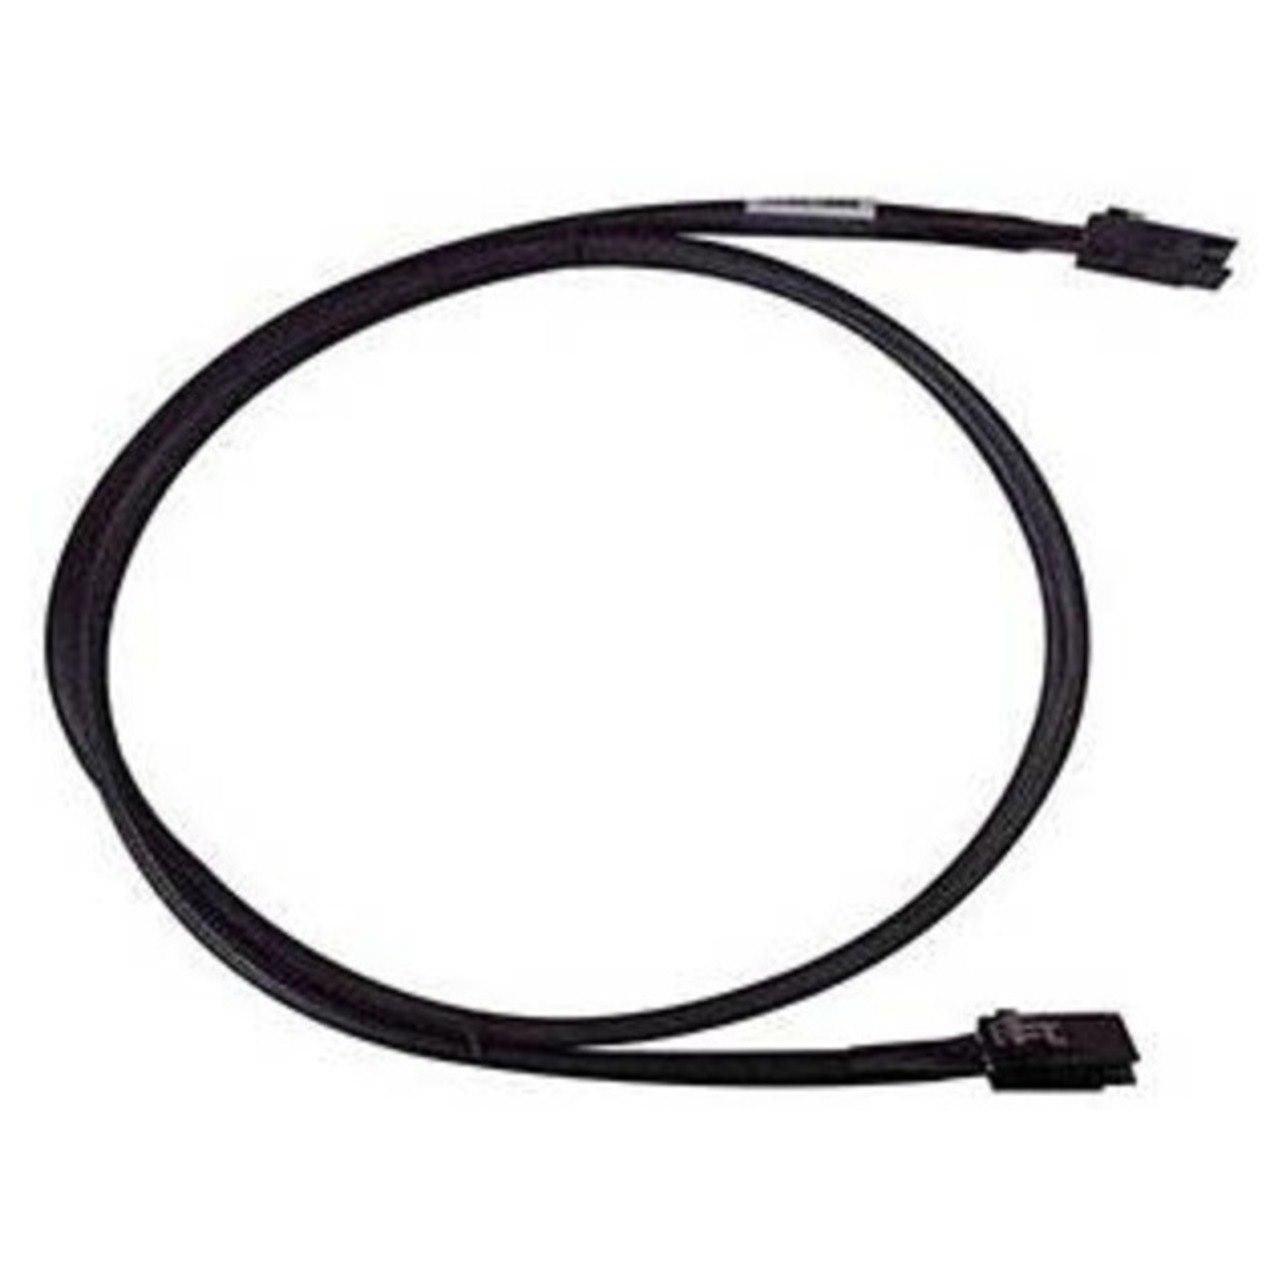 Supermicro Internal Mini-SAS To Mini-SAS HD 50CM